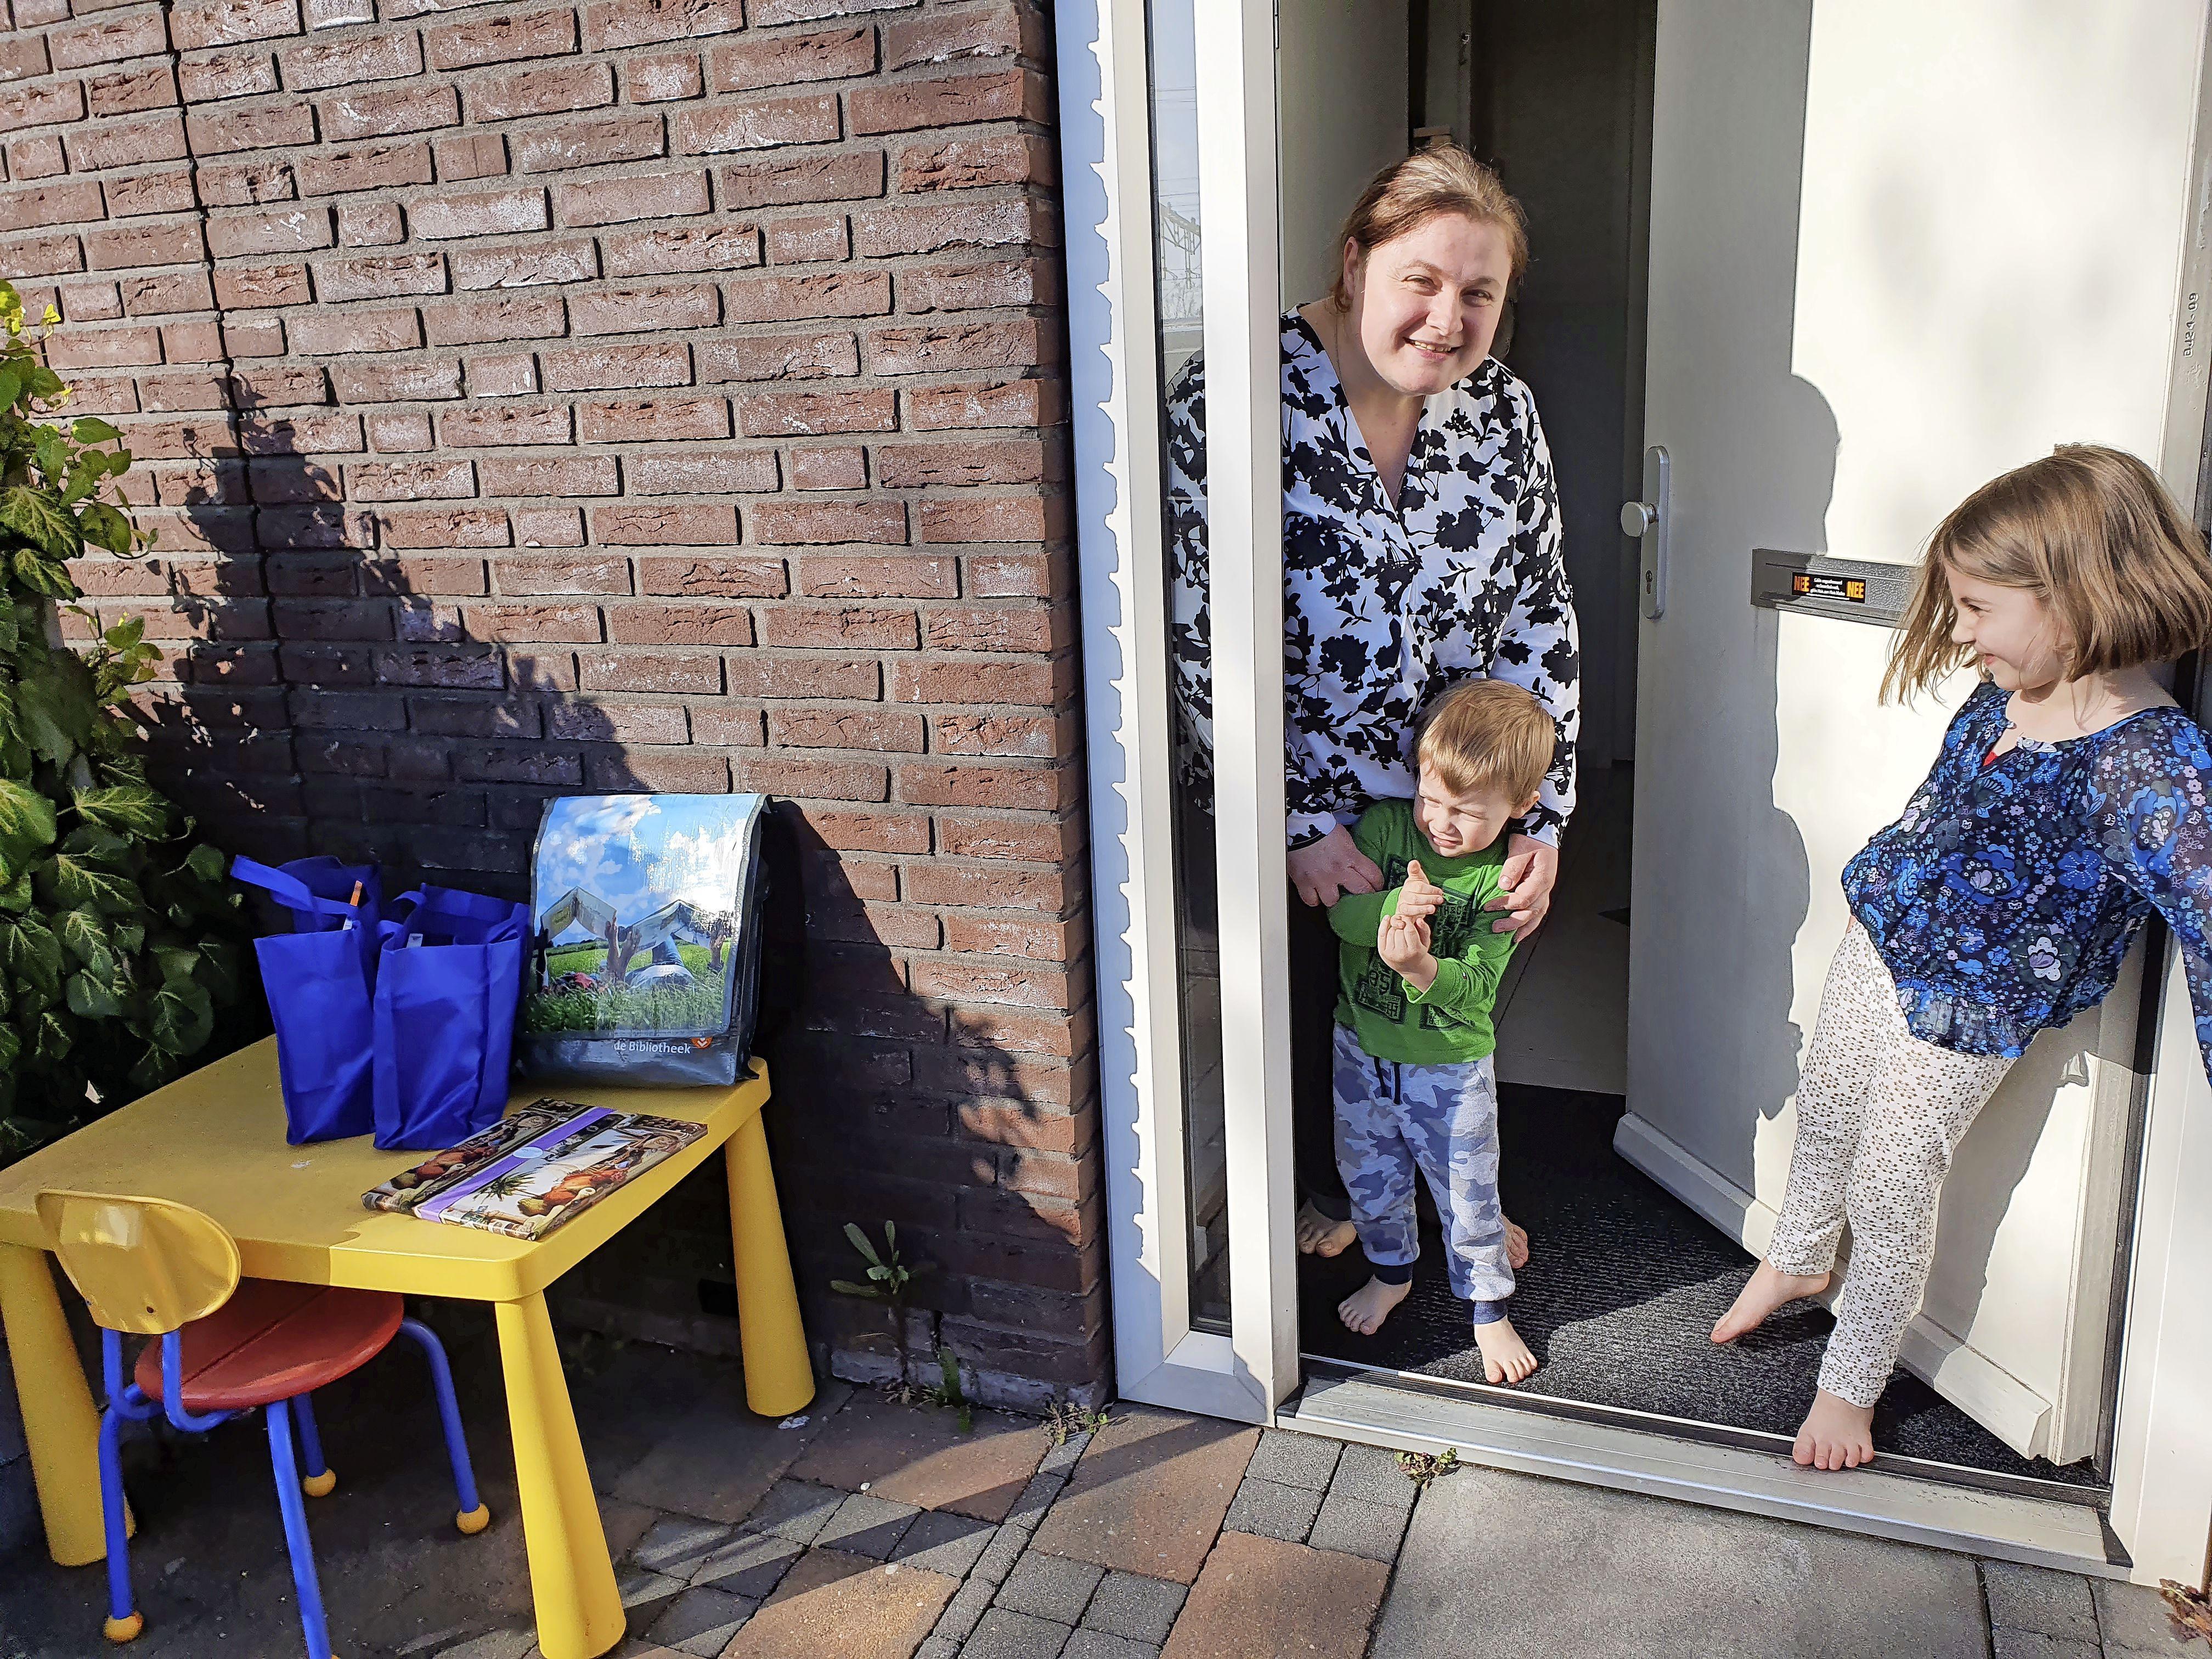 Bibliotheek bezorgt tijdens de lockdown 5.000e boekentasje bij Emin thuis. 'Naar de bieb gaan was voor de lockdown altijd een leuk uitje voor mijn kinderen. Ze missen dit heel erg'